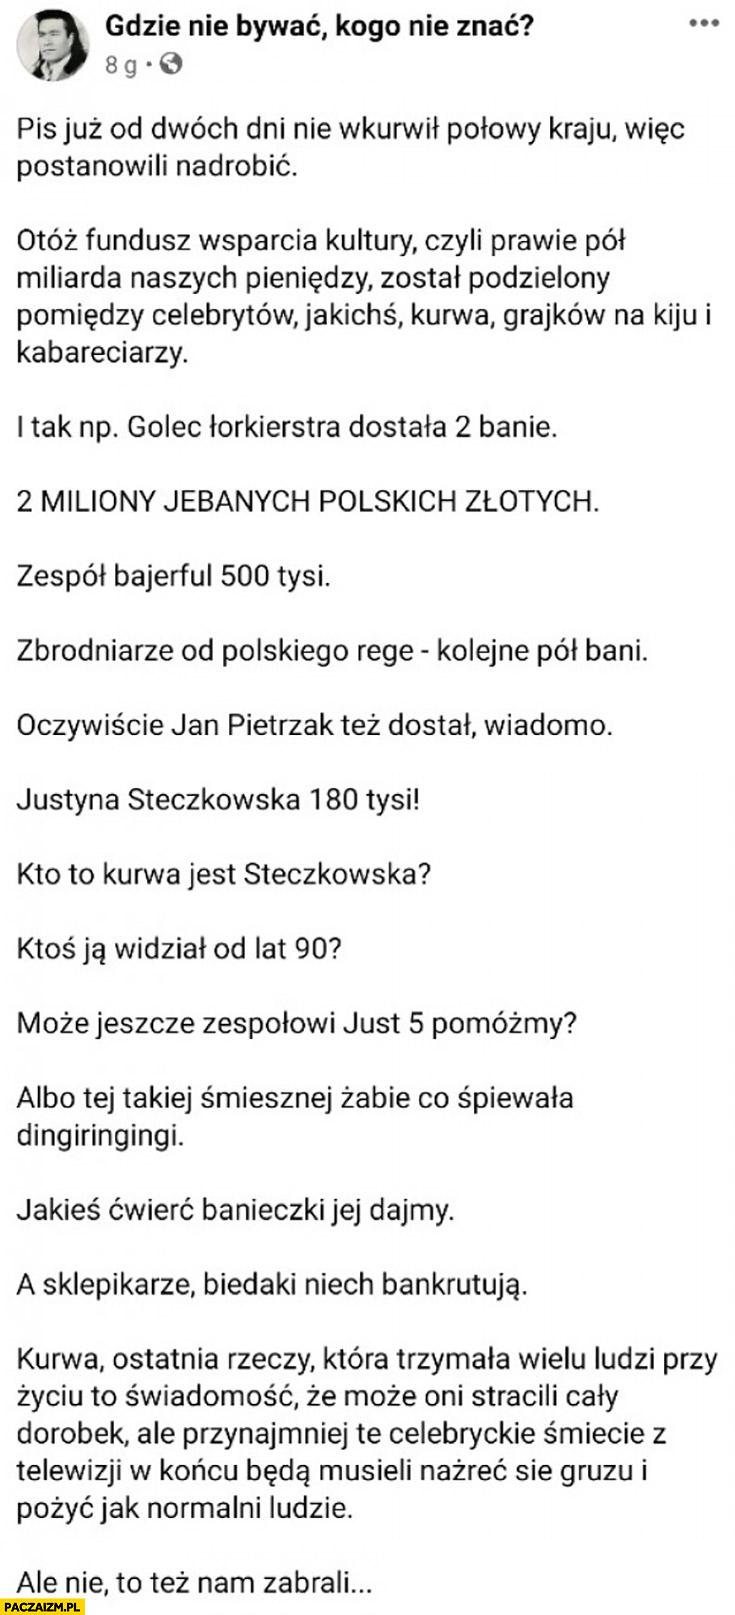 PiS dał 2 miliony złotych bo nie wkurzył dawno połowy kraju gdzie nie być kogo nie znać post na facebooku